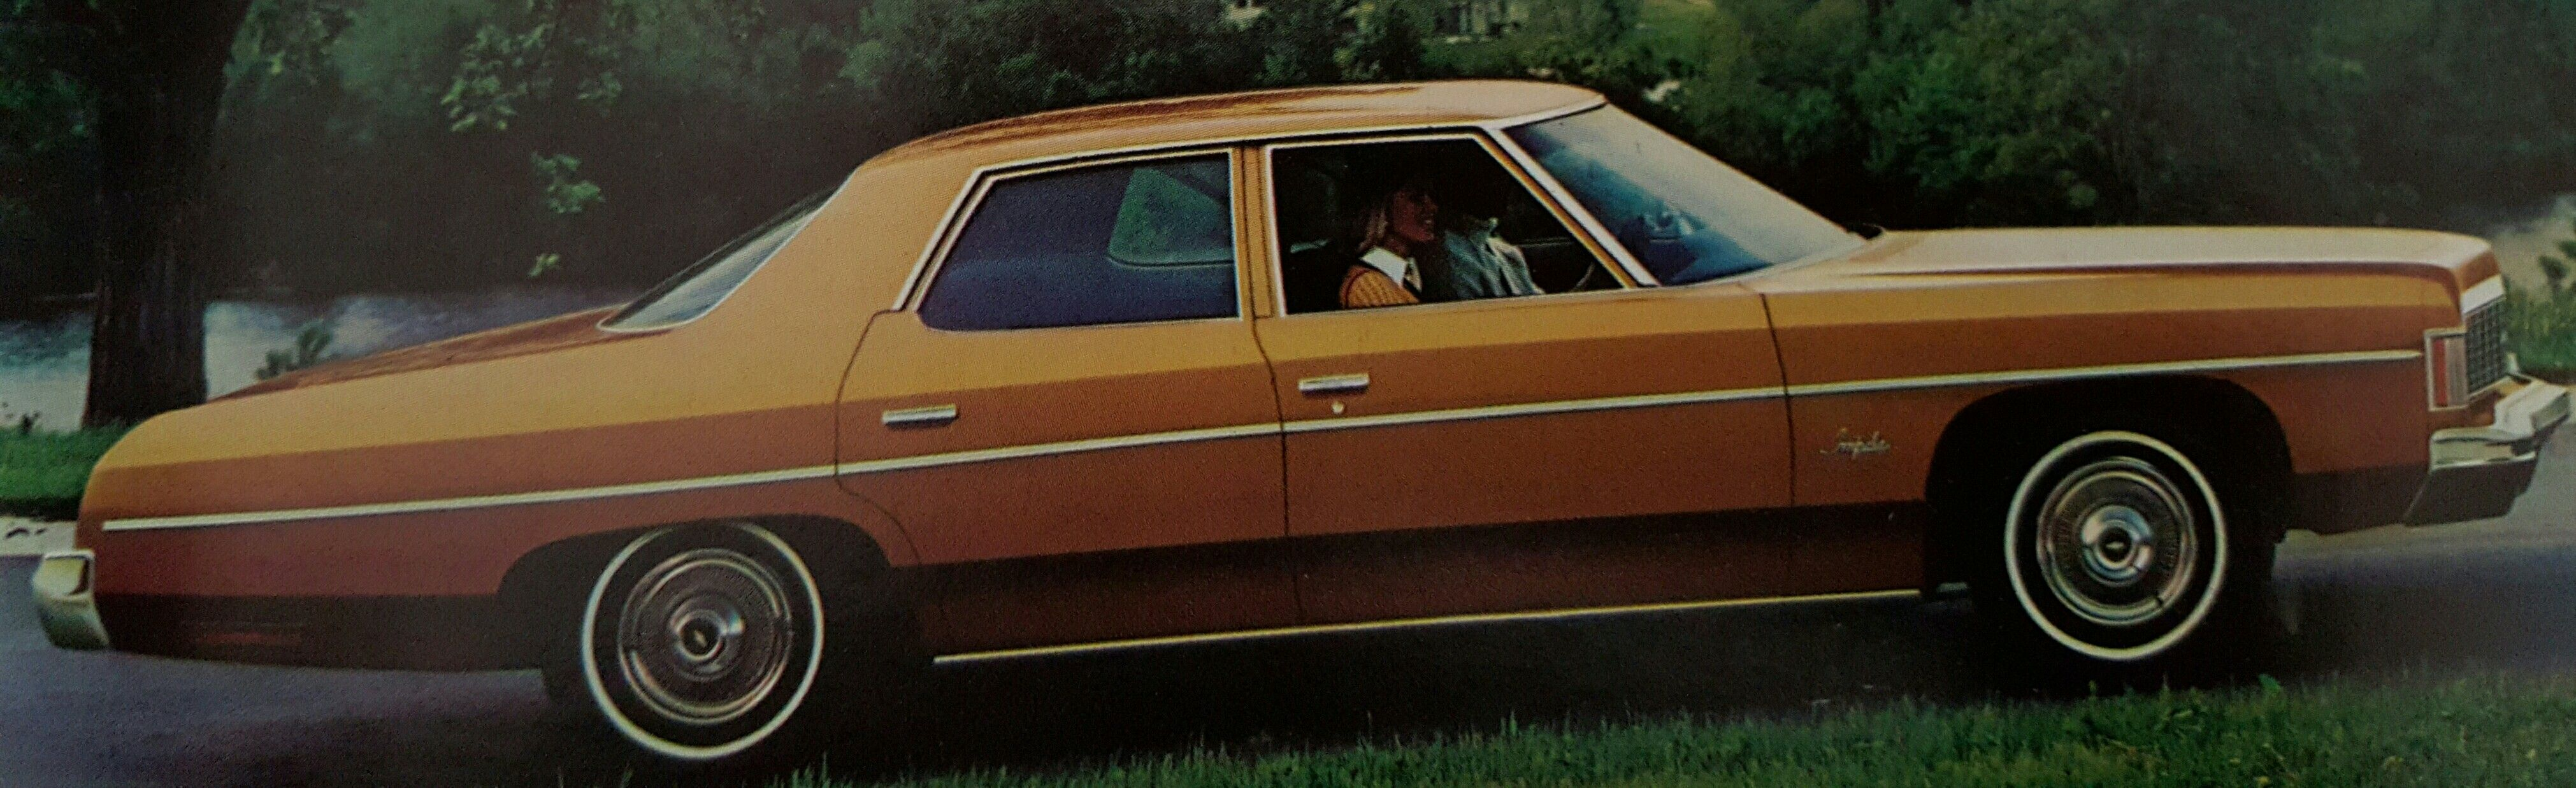 hight resolution of 1974 chevrolet impala chevrolet trucks chevrolet impala chevy chevy impala